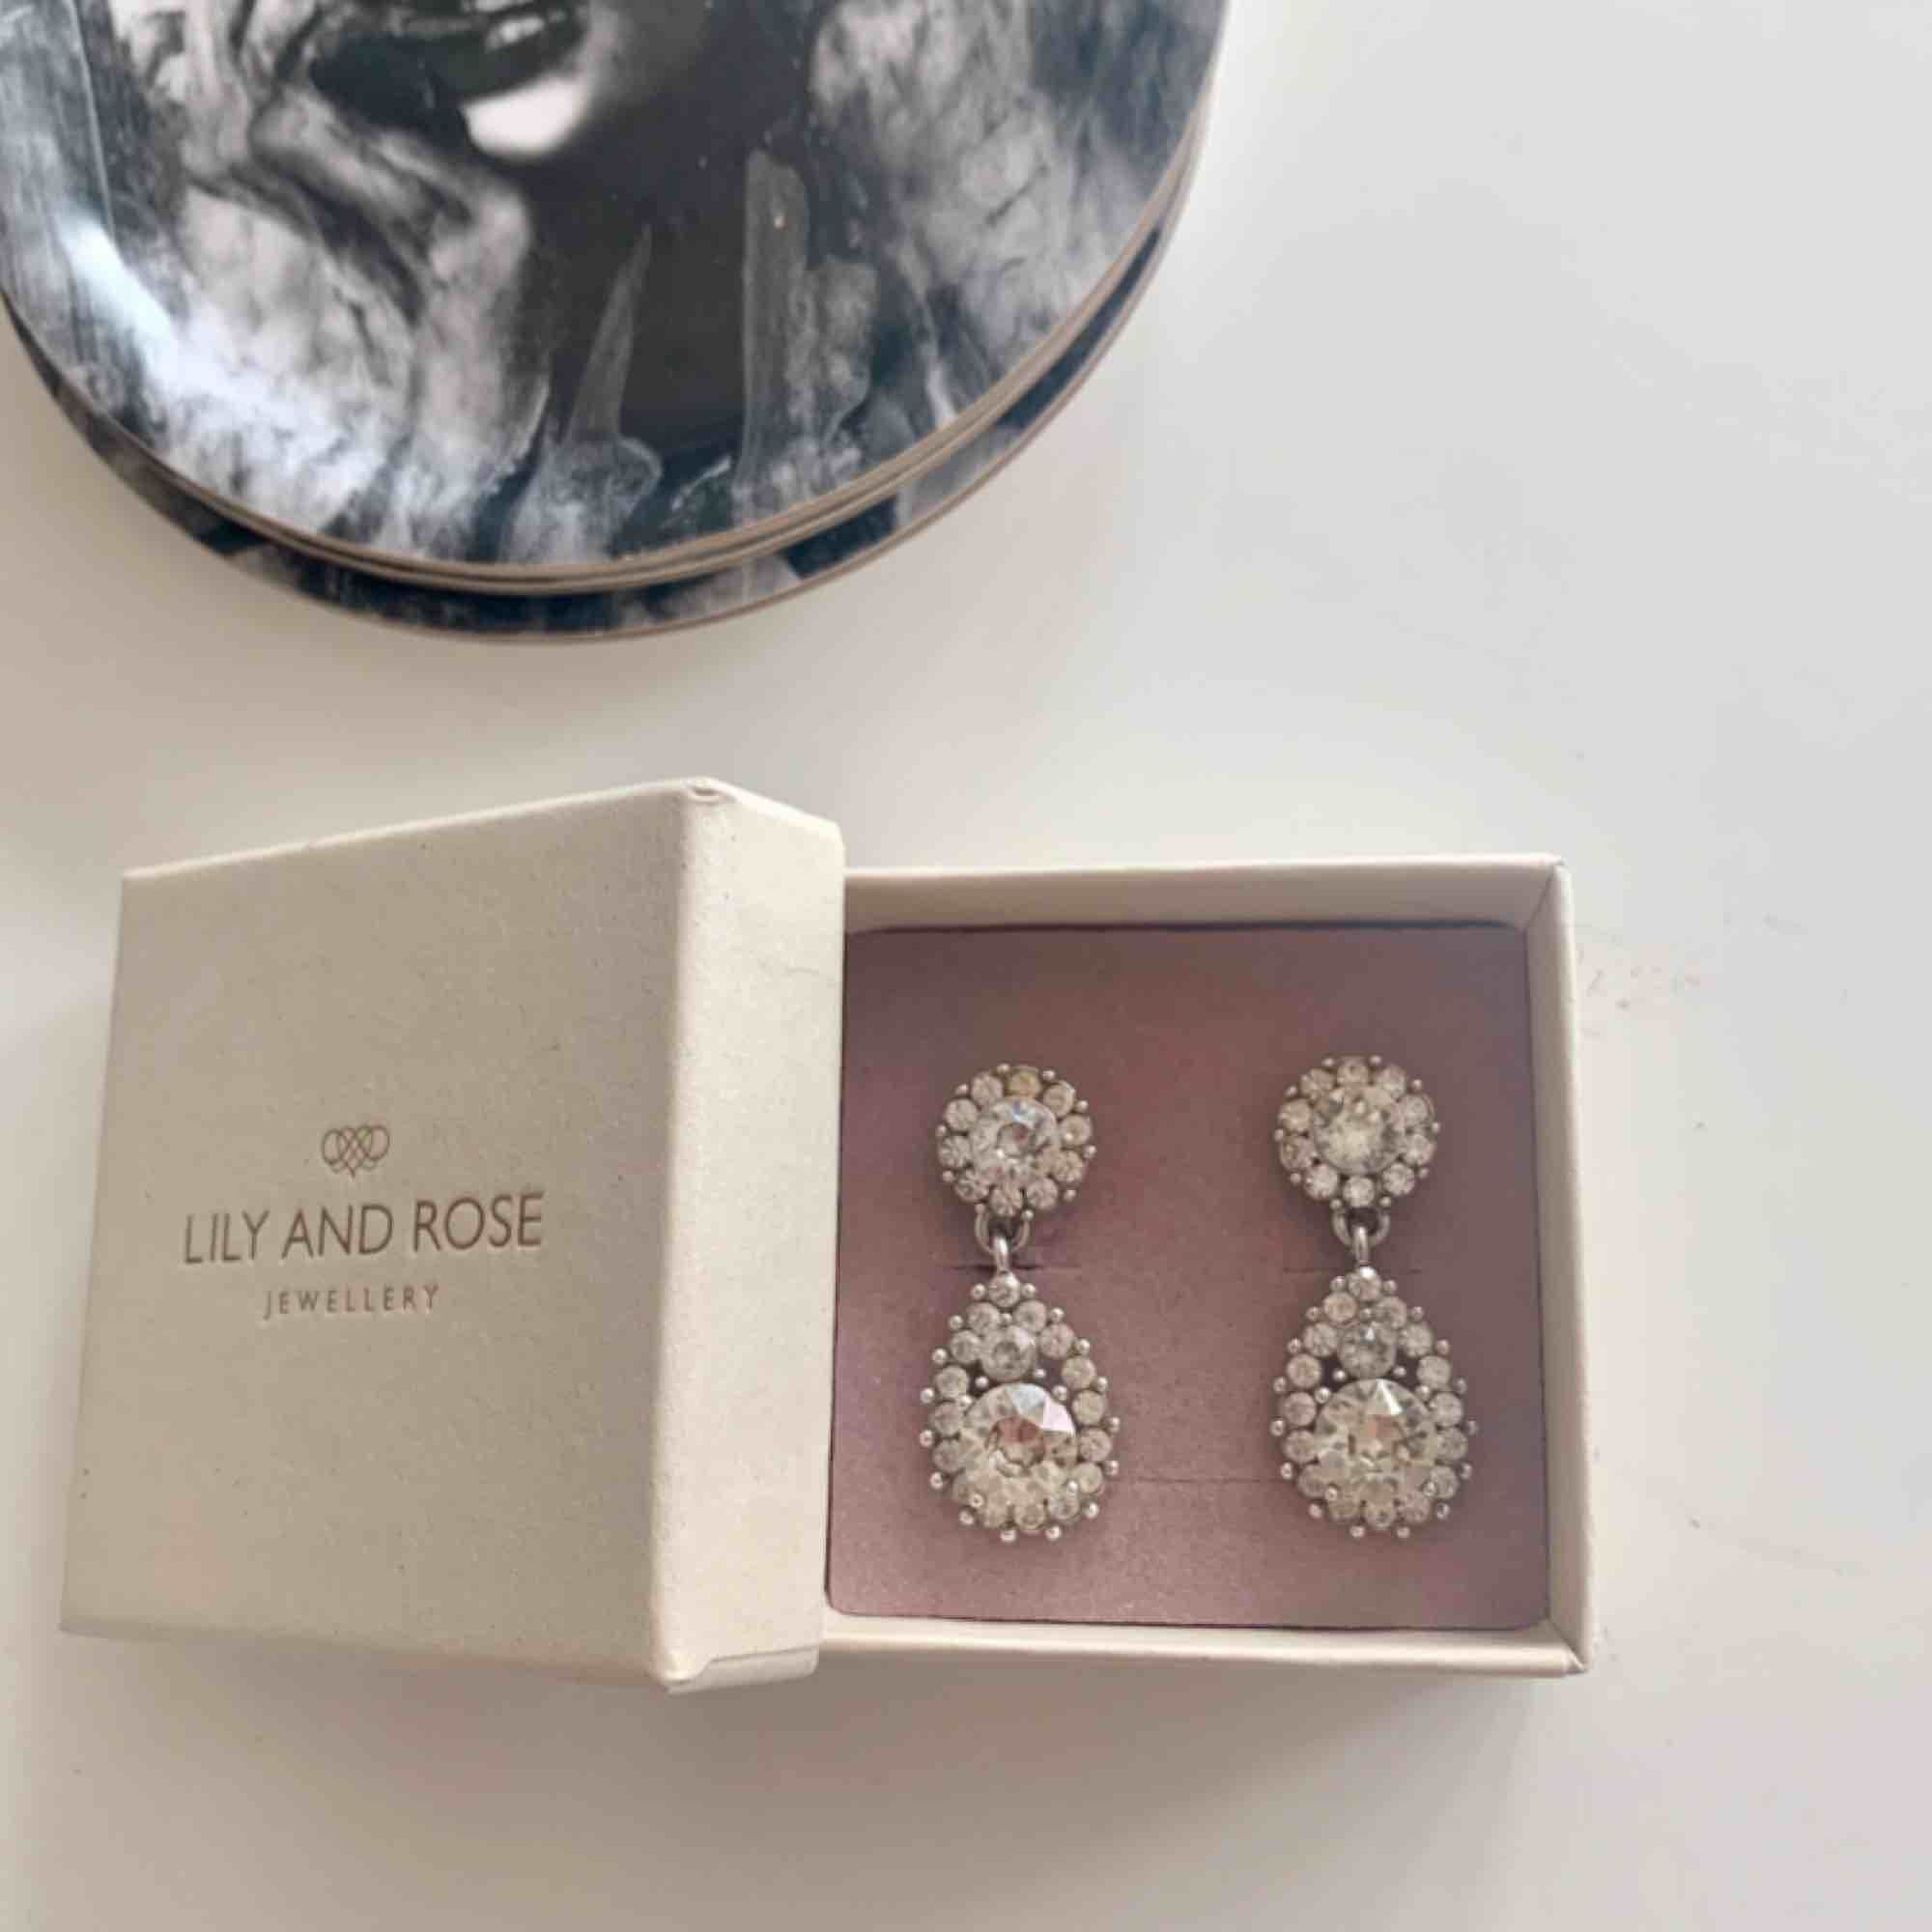 Silvriga Lily and Rose örhängen som knappt är använda. De är 3,5 cm långa och orginalpris är 495kr. Frakten ligger på 9 kr. Accessoarer.